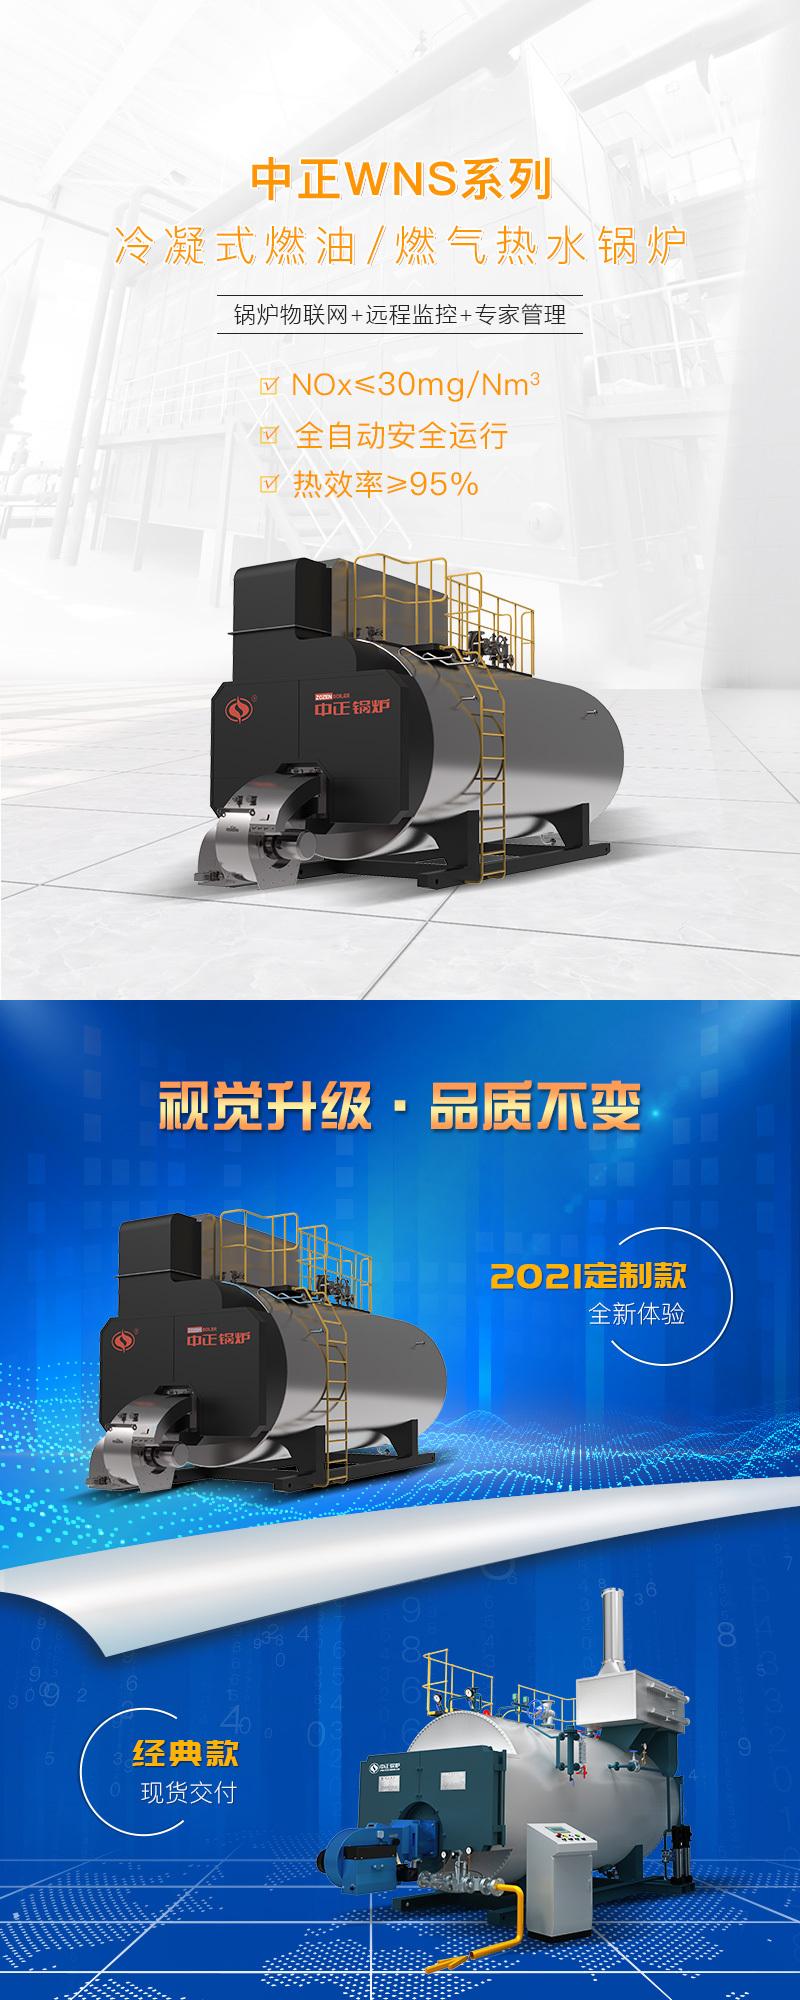 亚博登录官方网站锅炉产品详情锅炉首图